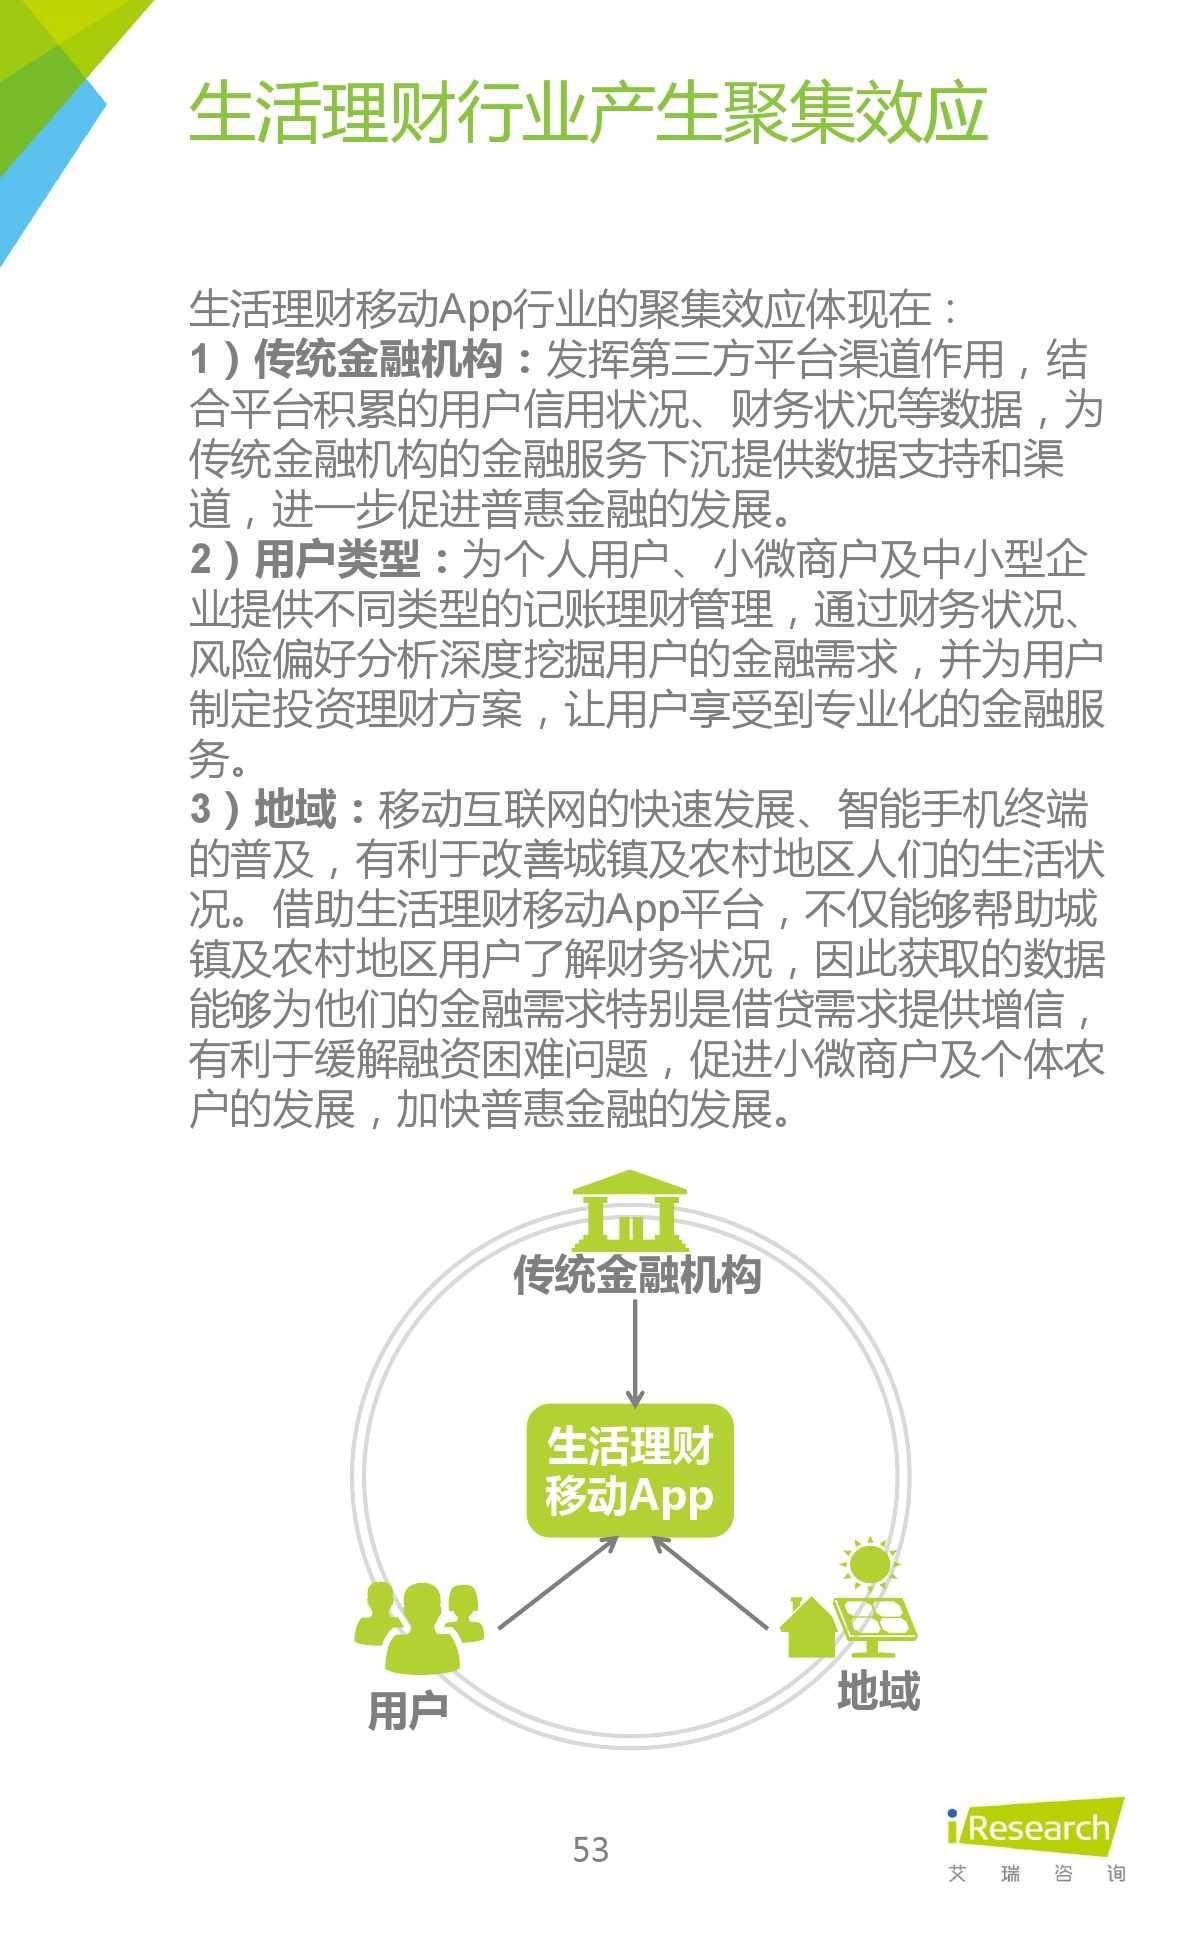 2015年中国生活理财移动App行业研究报告_000053